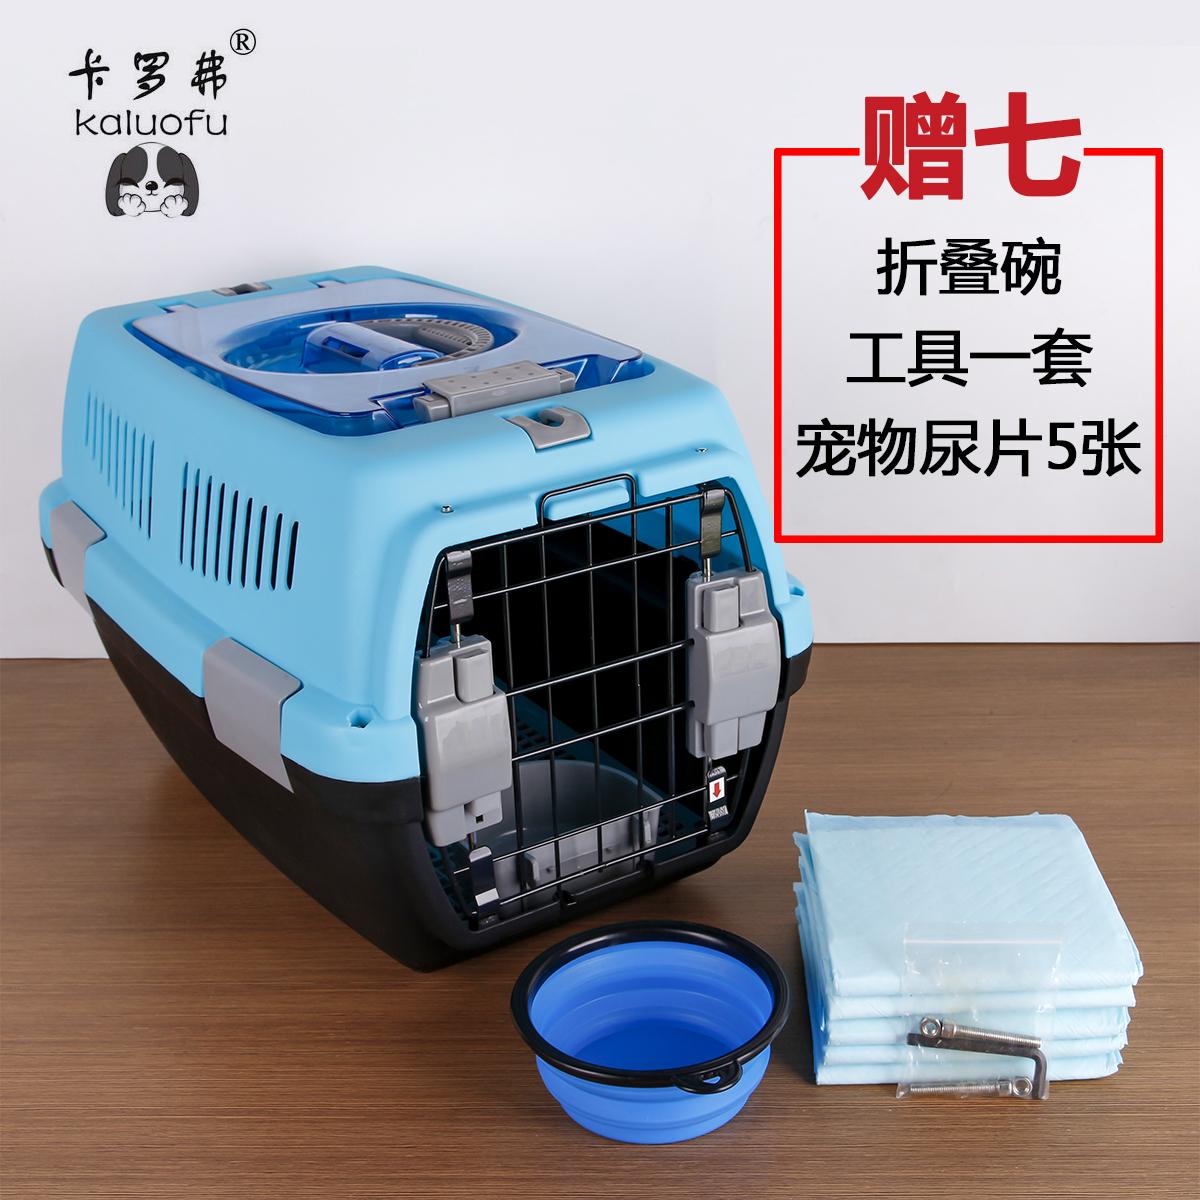 Собака китти авиация коробка домашнее животное проверить собака клетка кот коробка из коробка тедди кот клетка портативный чемодан